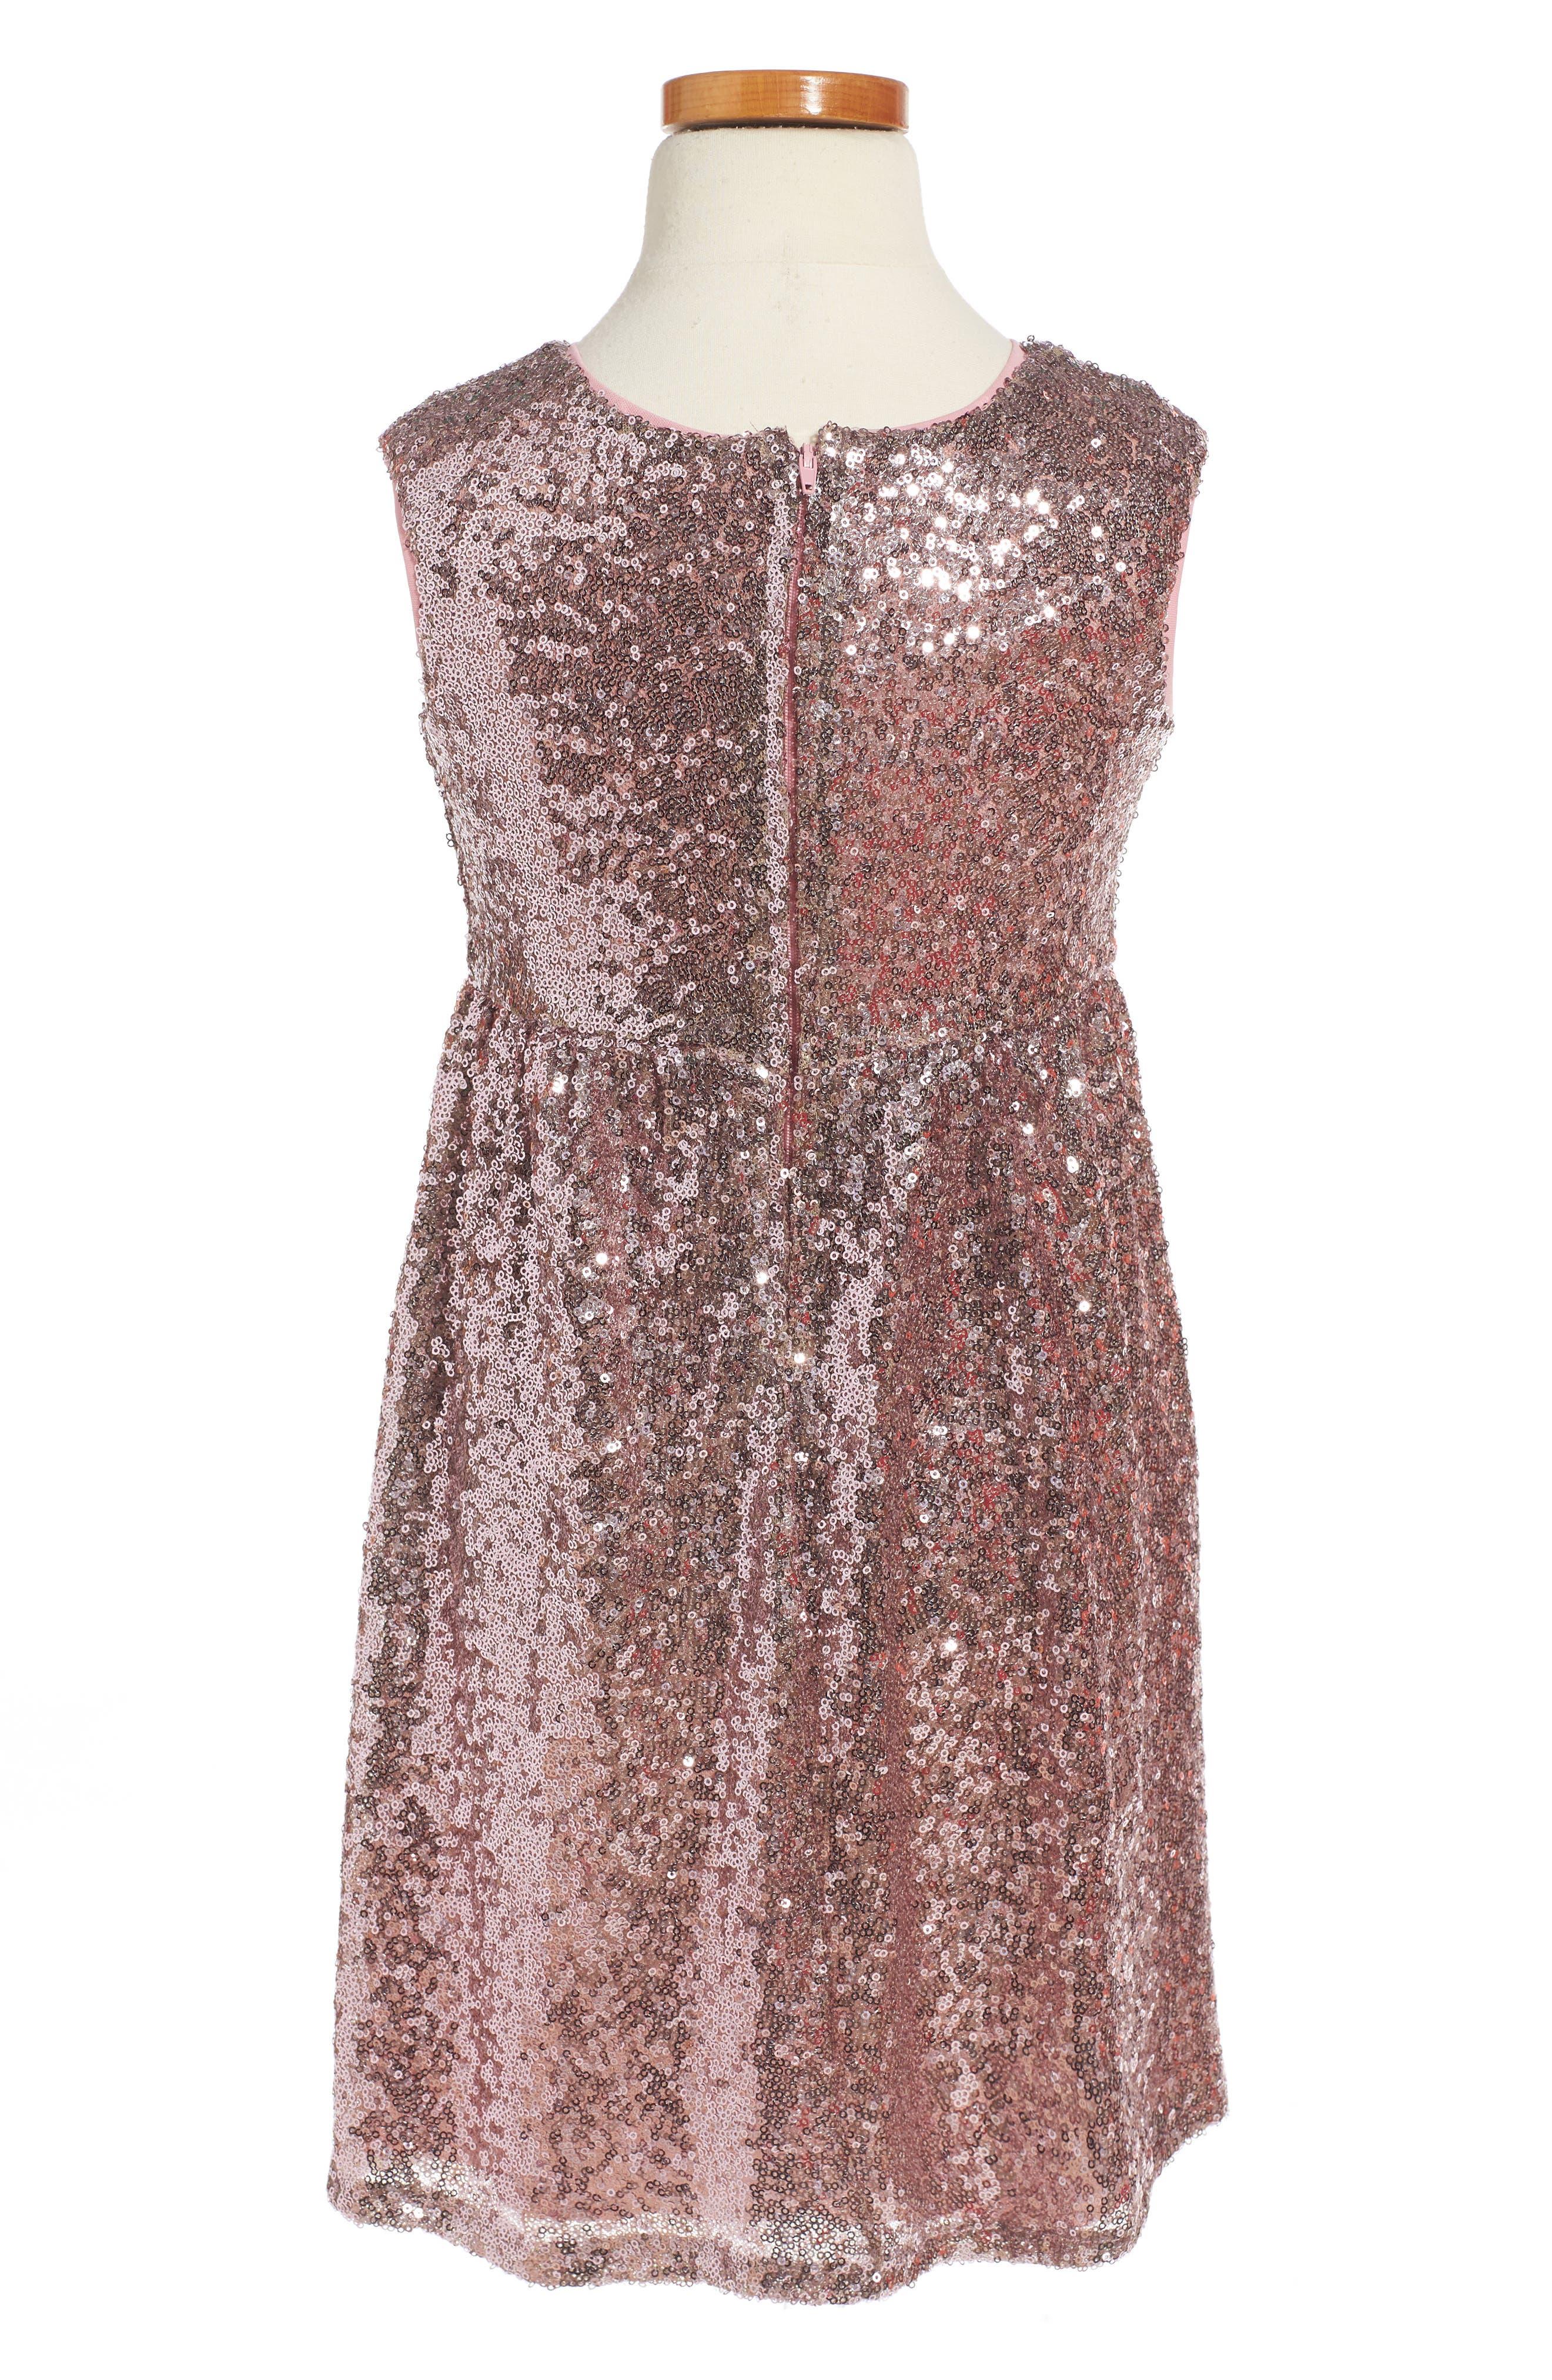 Sequin Dress,                             Alternate thumbnail 2, color,                             500